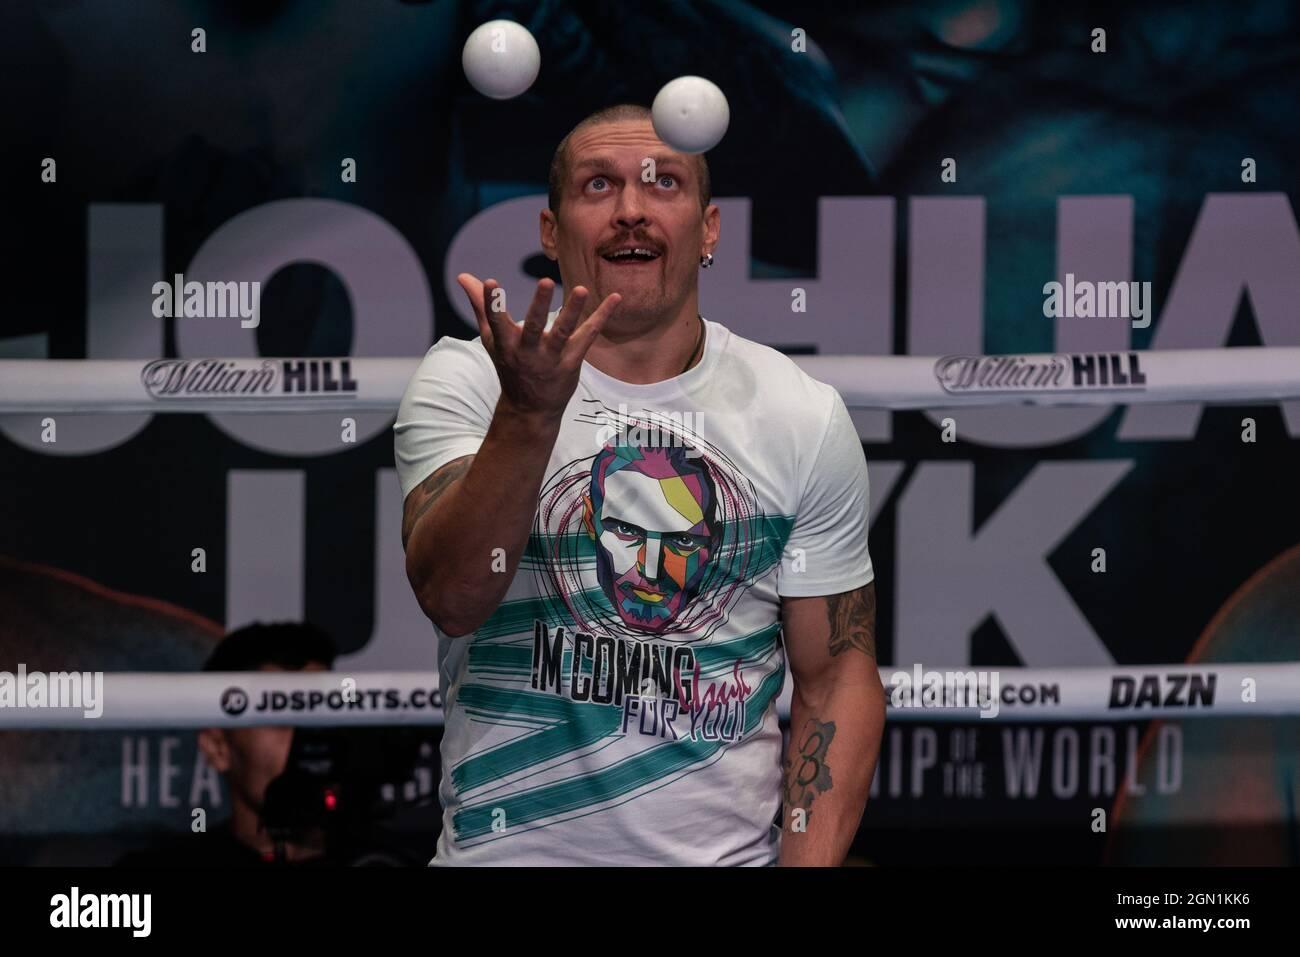 Londres, Royaume-Uni. 21 septembre 2021. Le champion ukrainien de boxe Oleksandr Usyk se présente sur le ring en 02, avant le combat de samedi contre le champion britannique de poids lourd Anthony Joshua qui se tiendra au stade Tottenham Hotspur. Credit: Guy Corbishley/Alamy Live News Banque D'Images